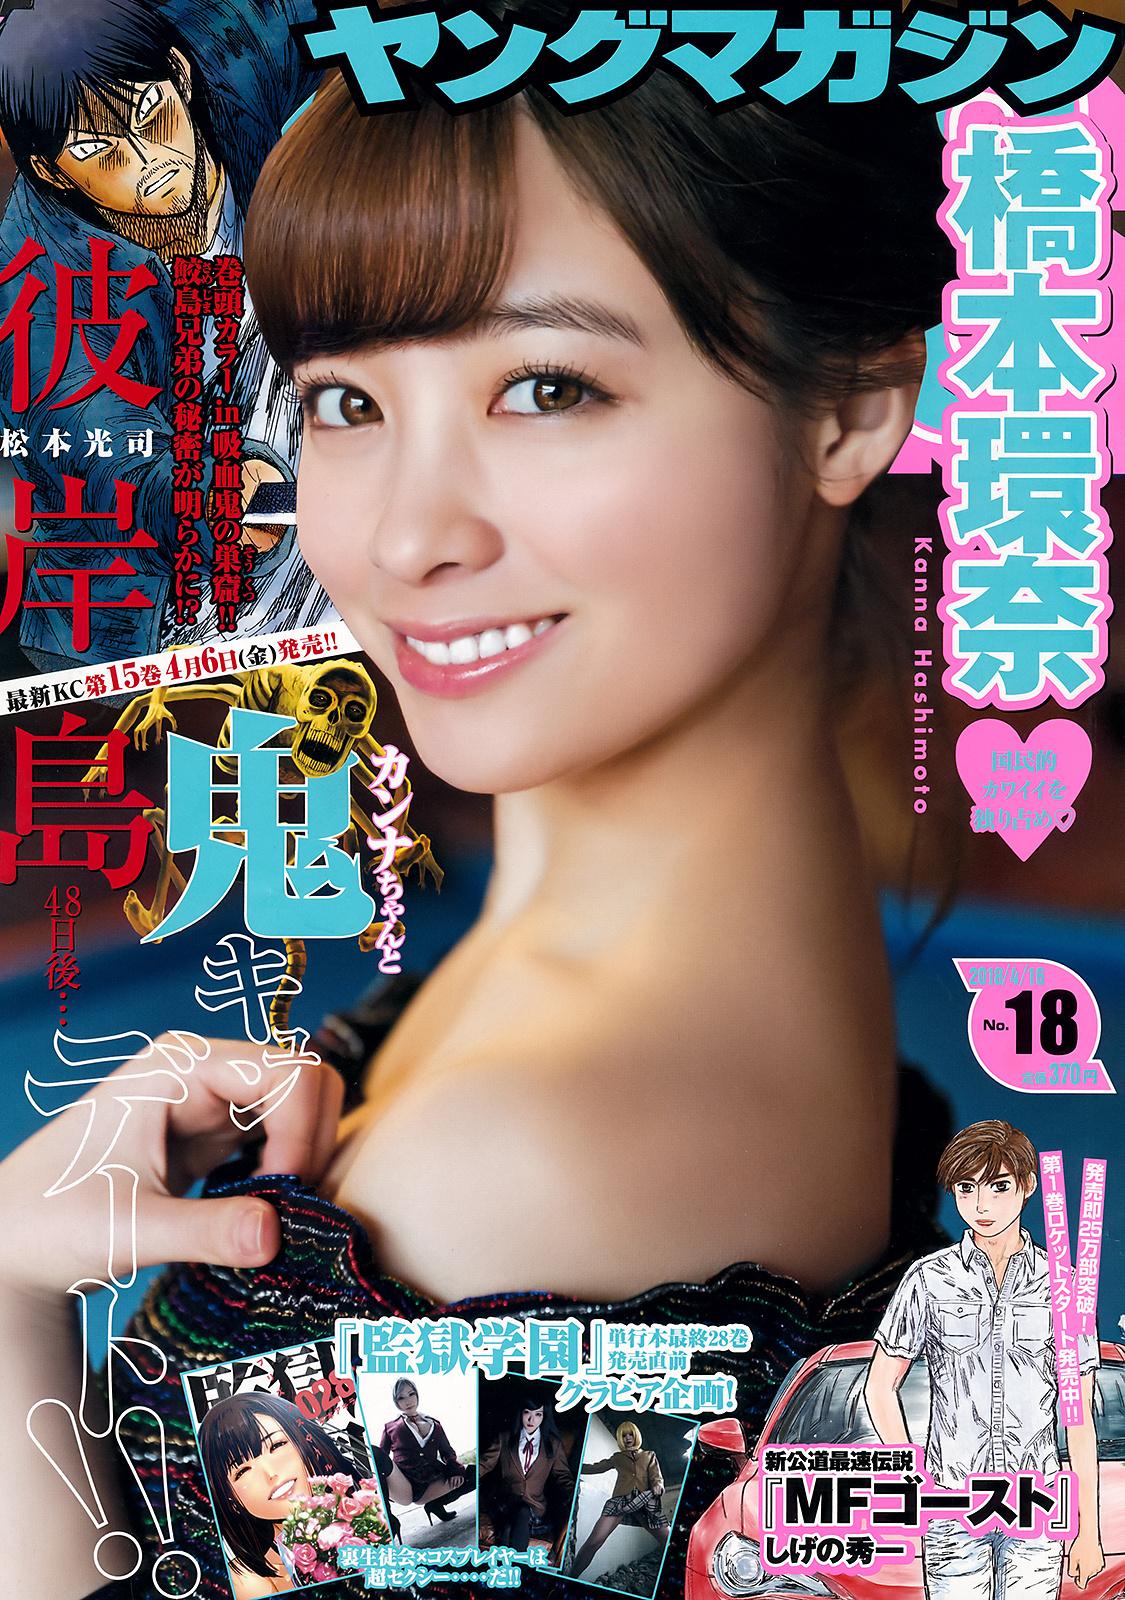 [Young Magazine] 2018 No.18 Kanna Hashimoto 橋本環奈